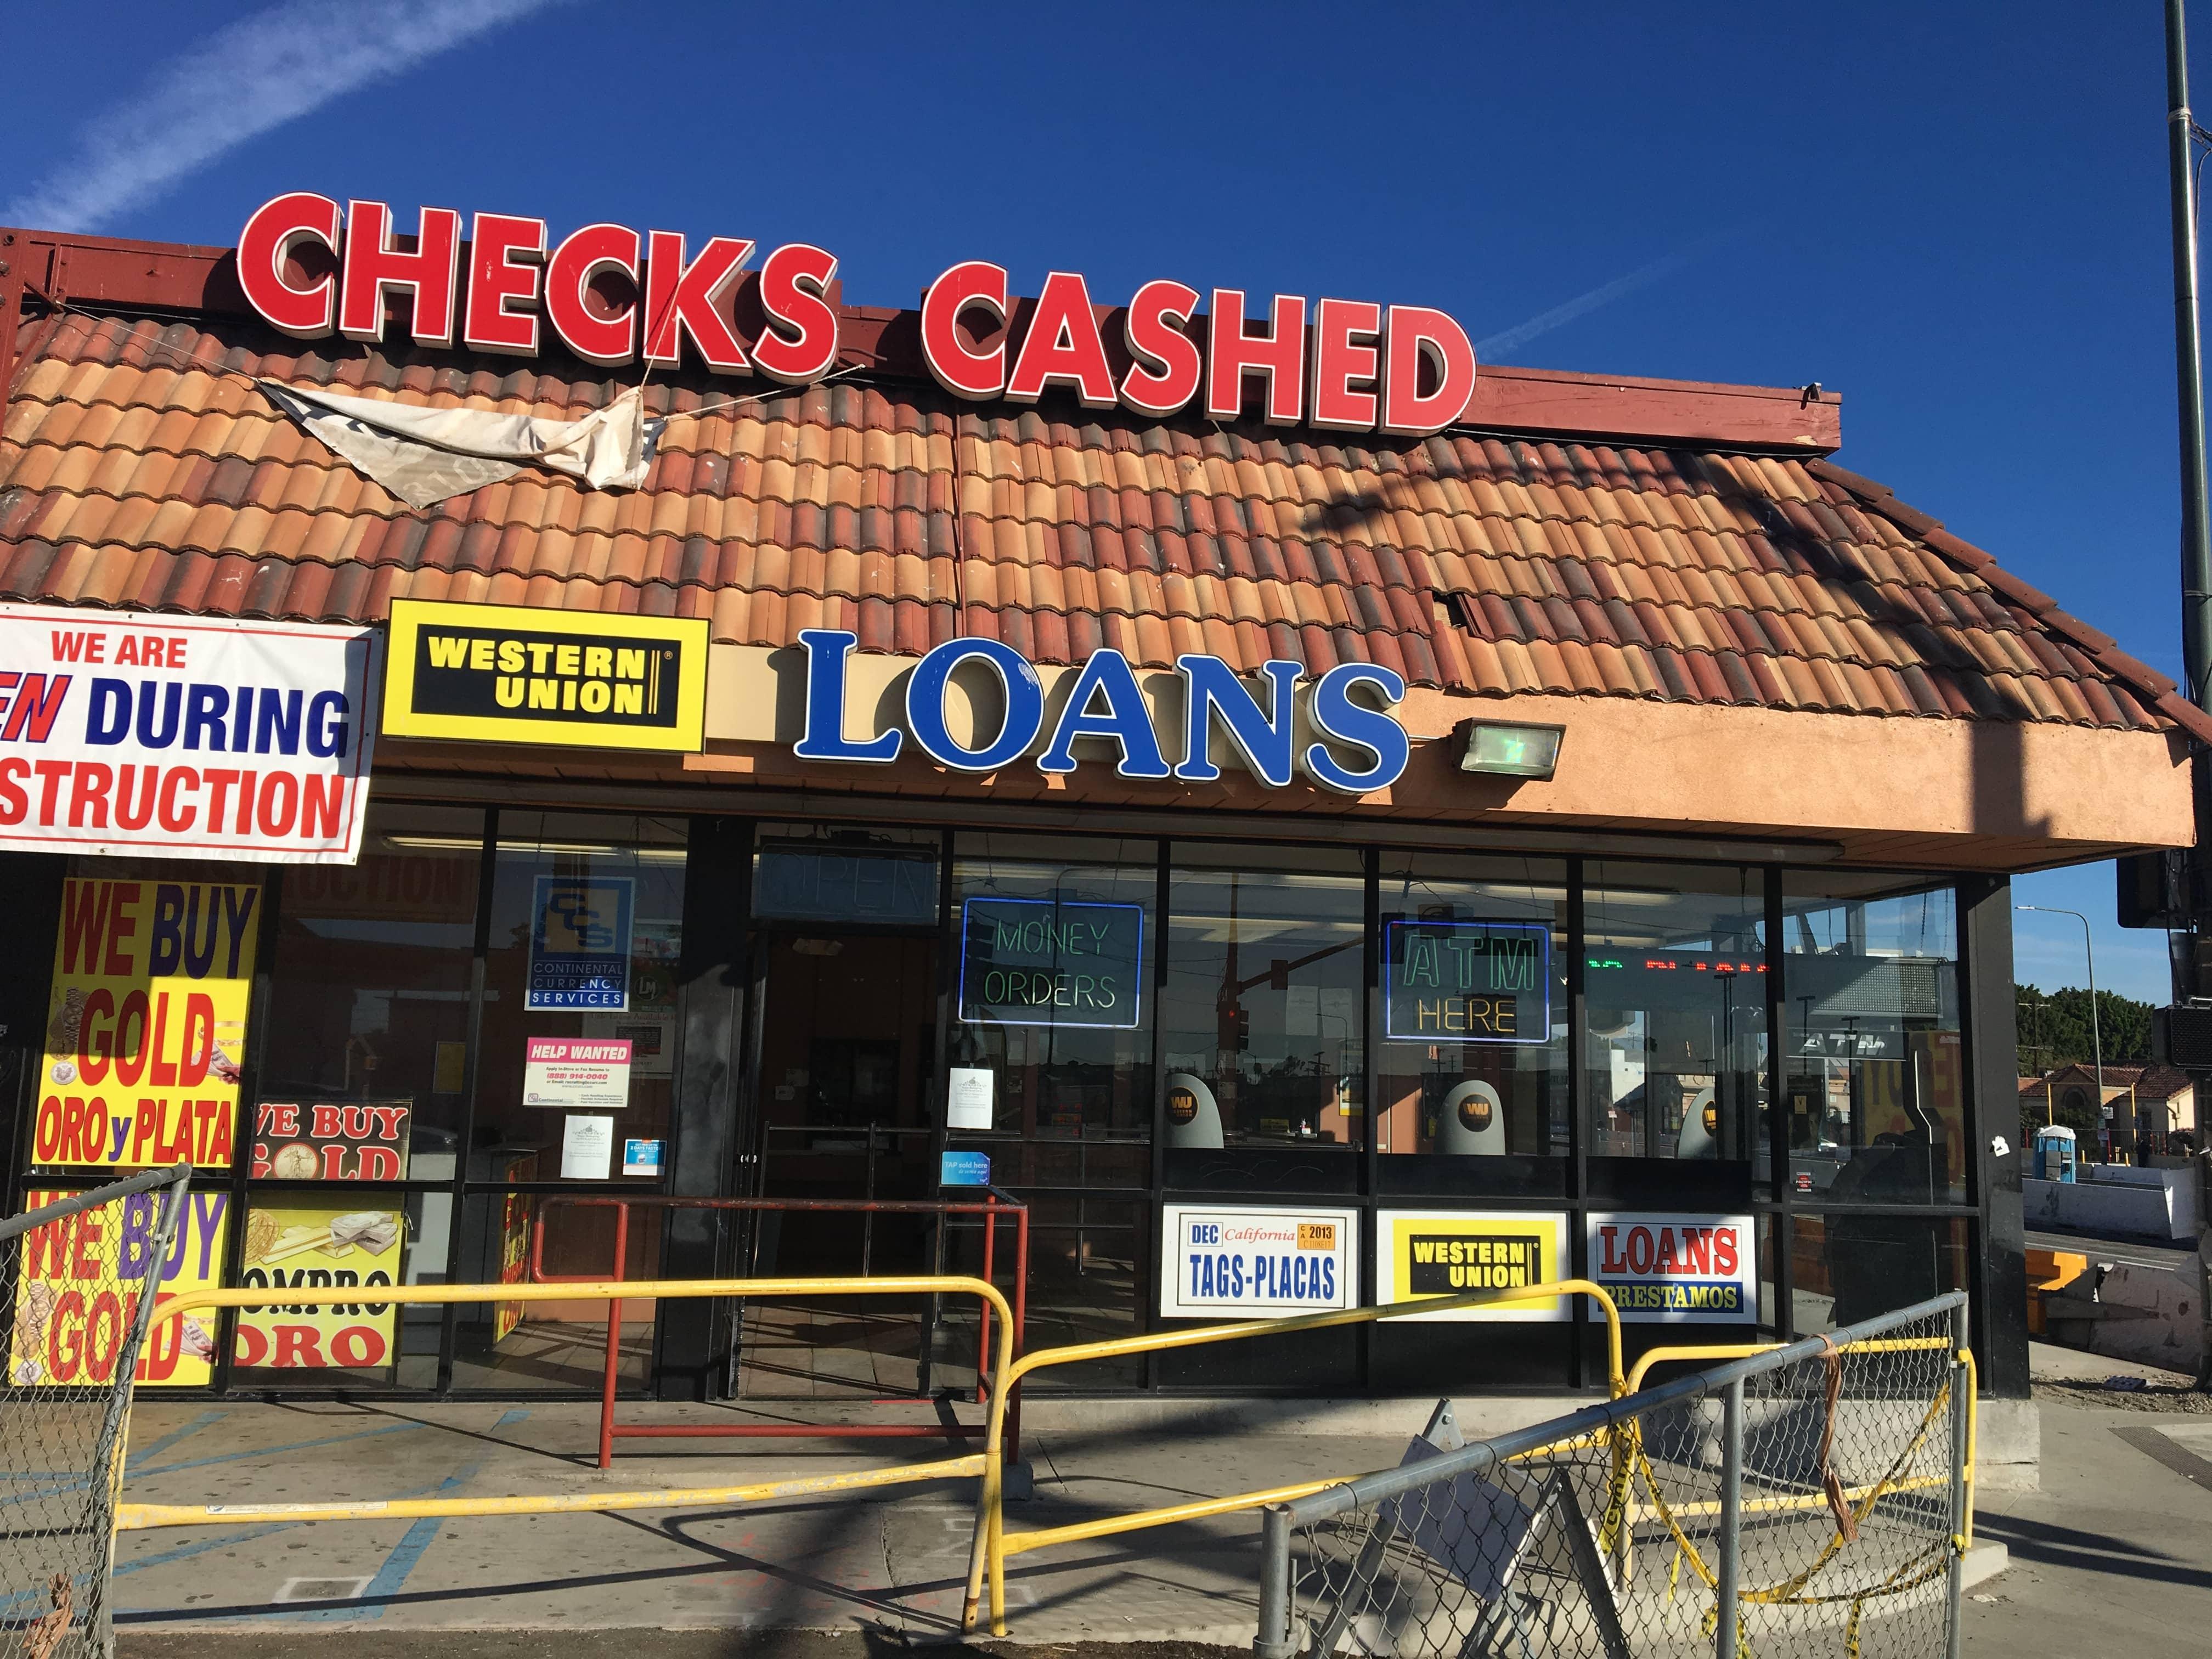 Cash loans in decatur al image 7